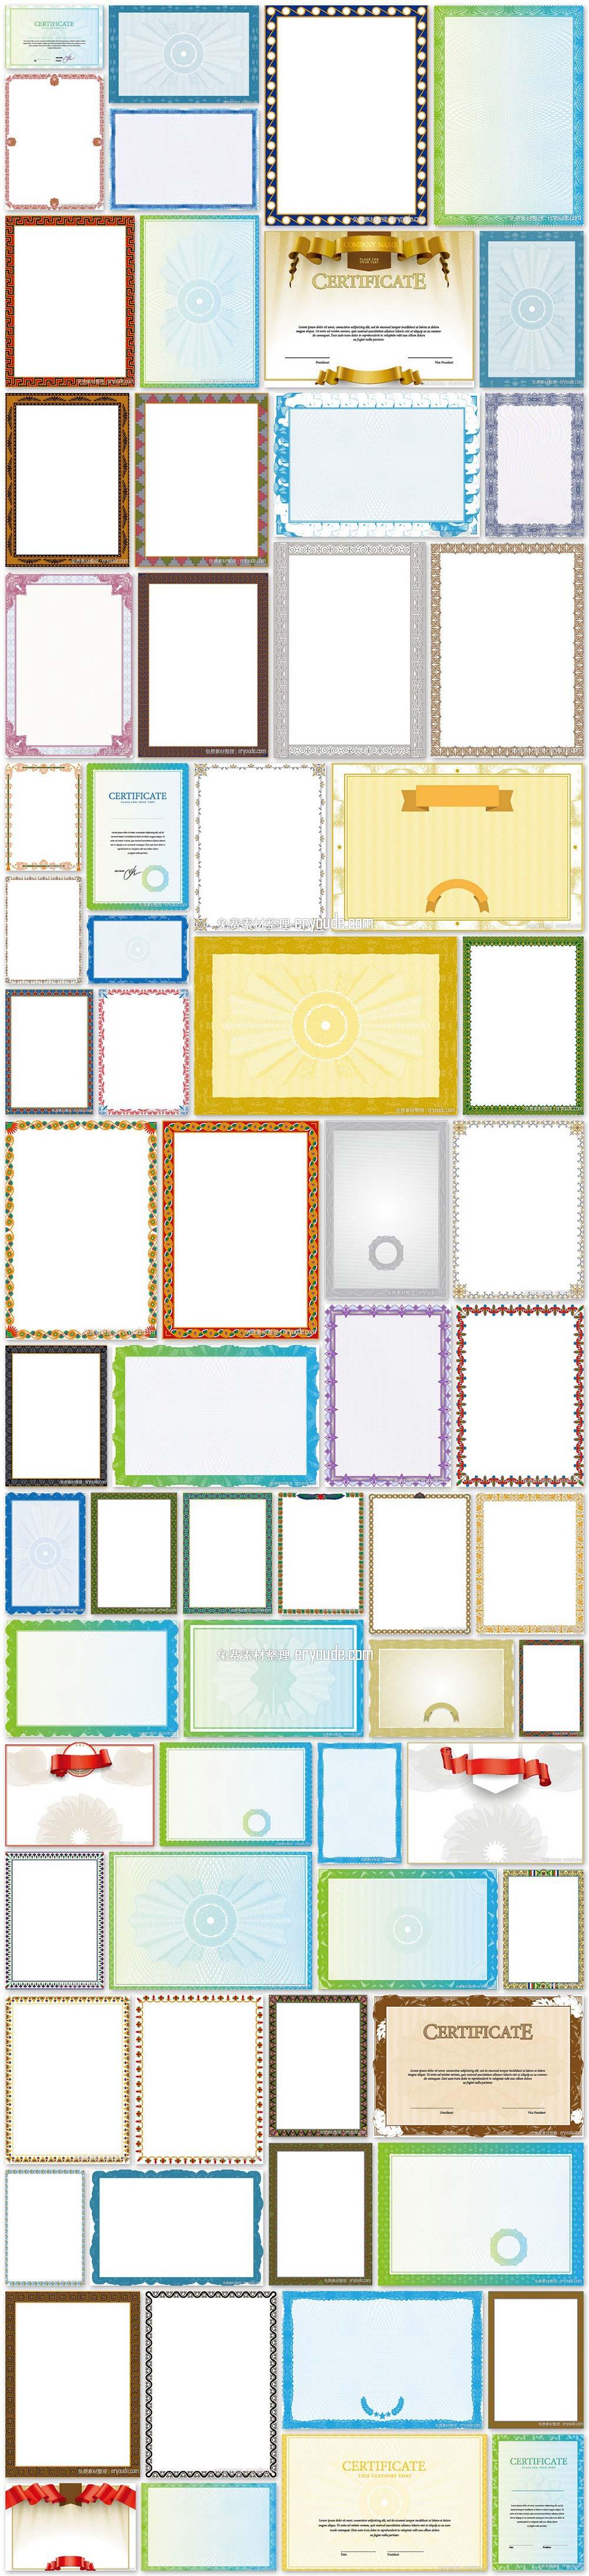 70款矢量证件卡片花纹边框素材文件下载 140935